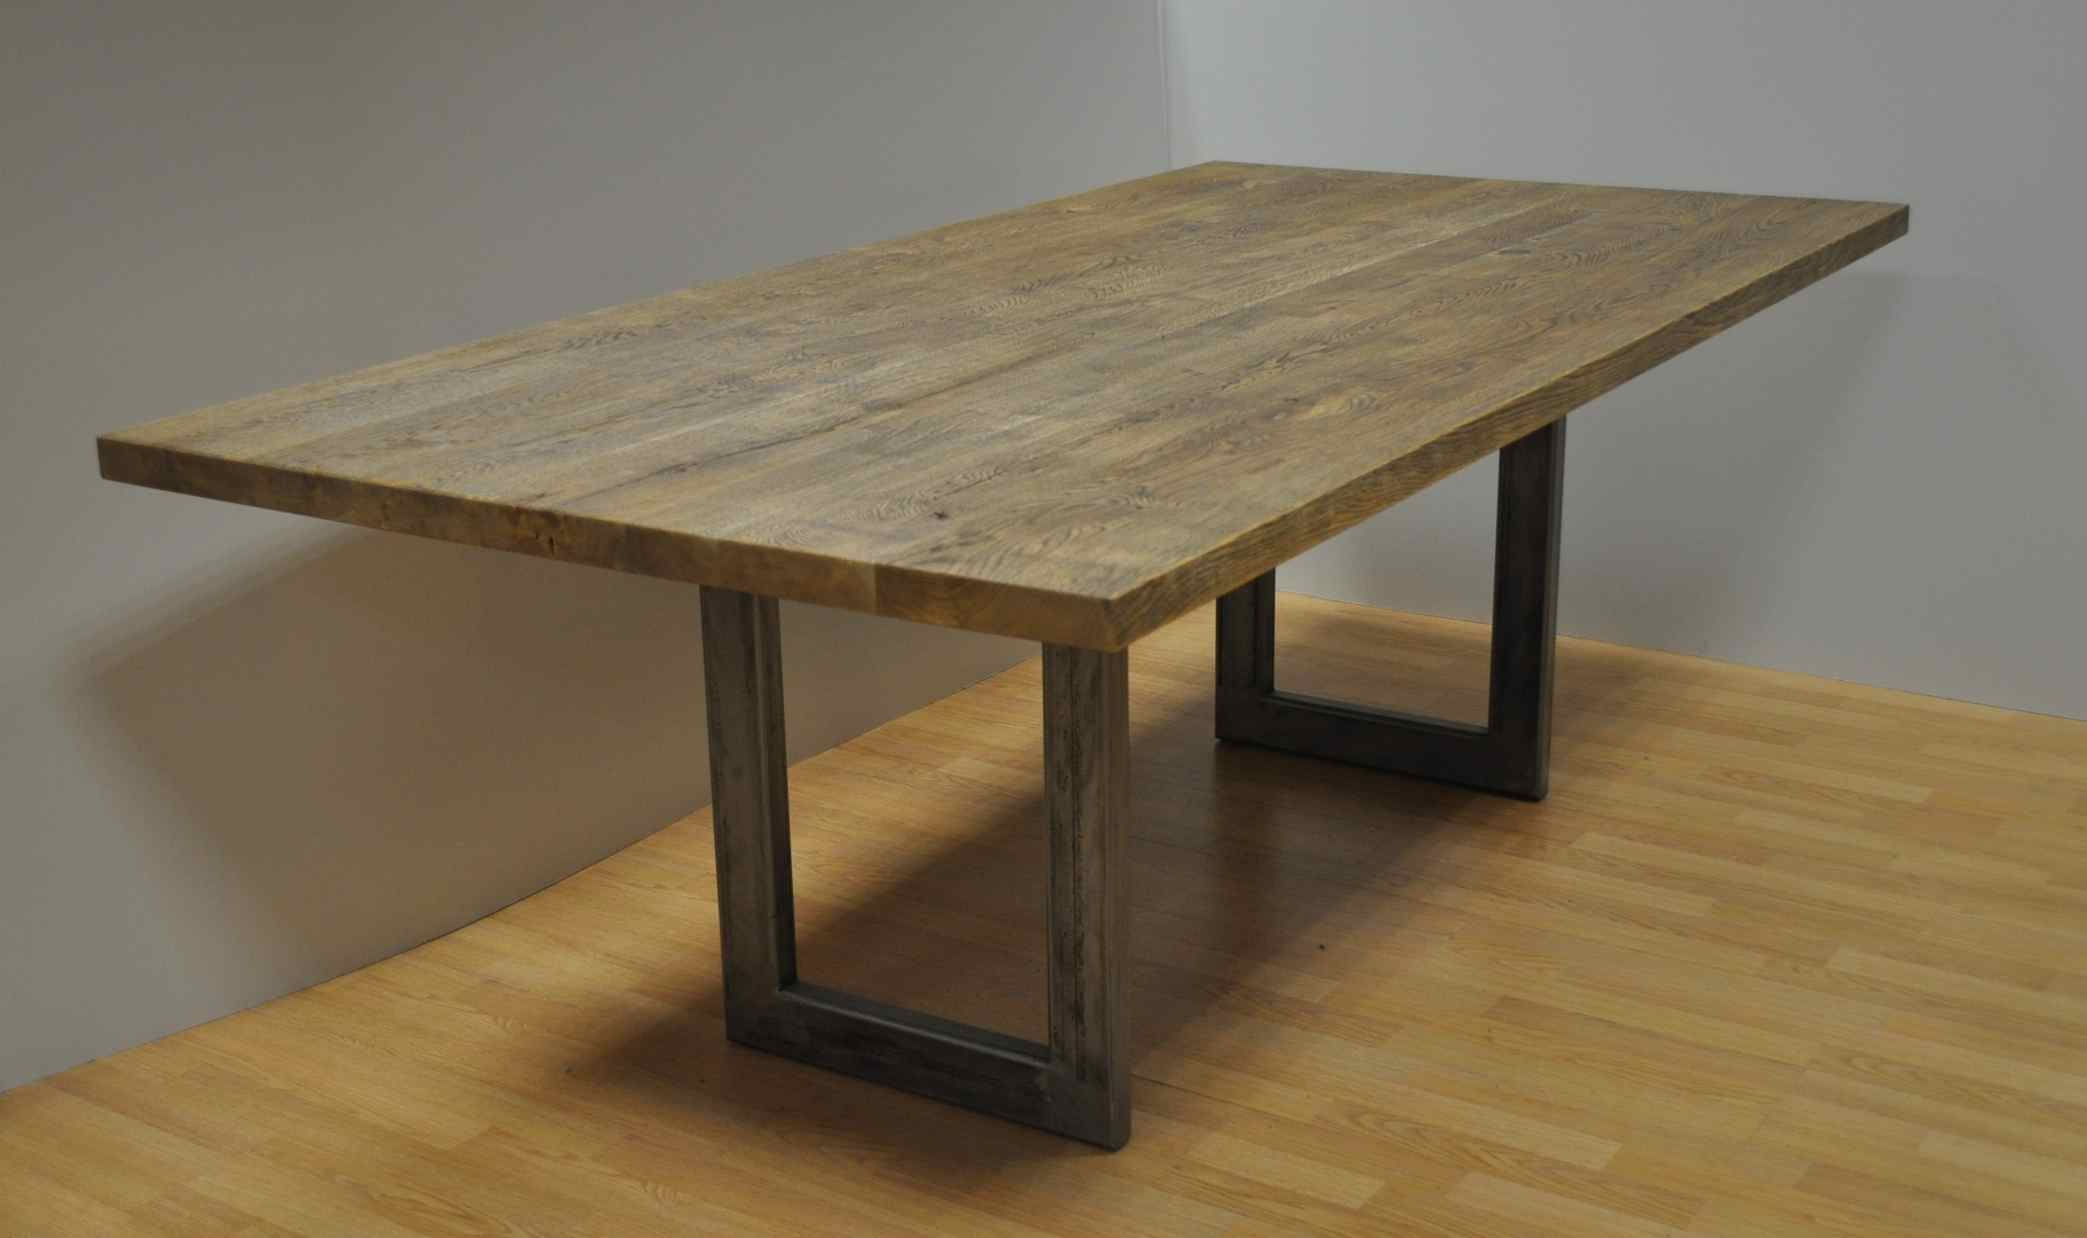 שולחן אוכל עץ אלון מבוקע ומעושן עם רגל ממתכת